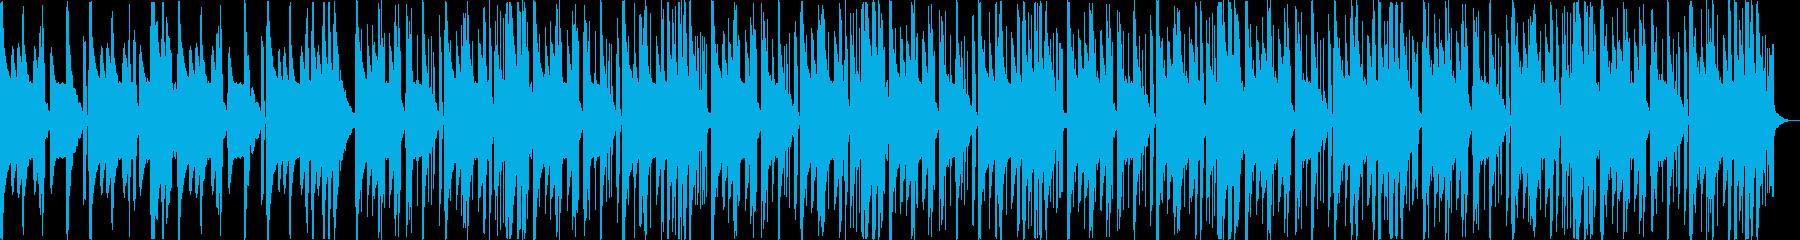 怪しい不気味コミカルなヒップホップbの再生済みの波形